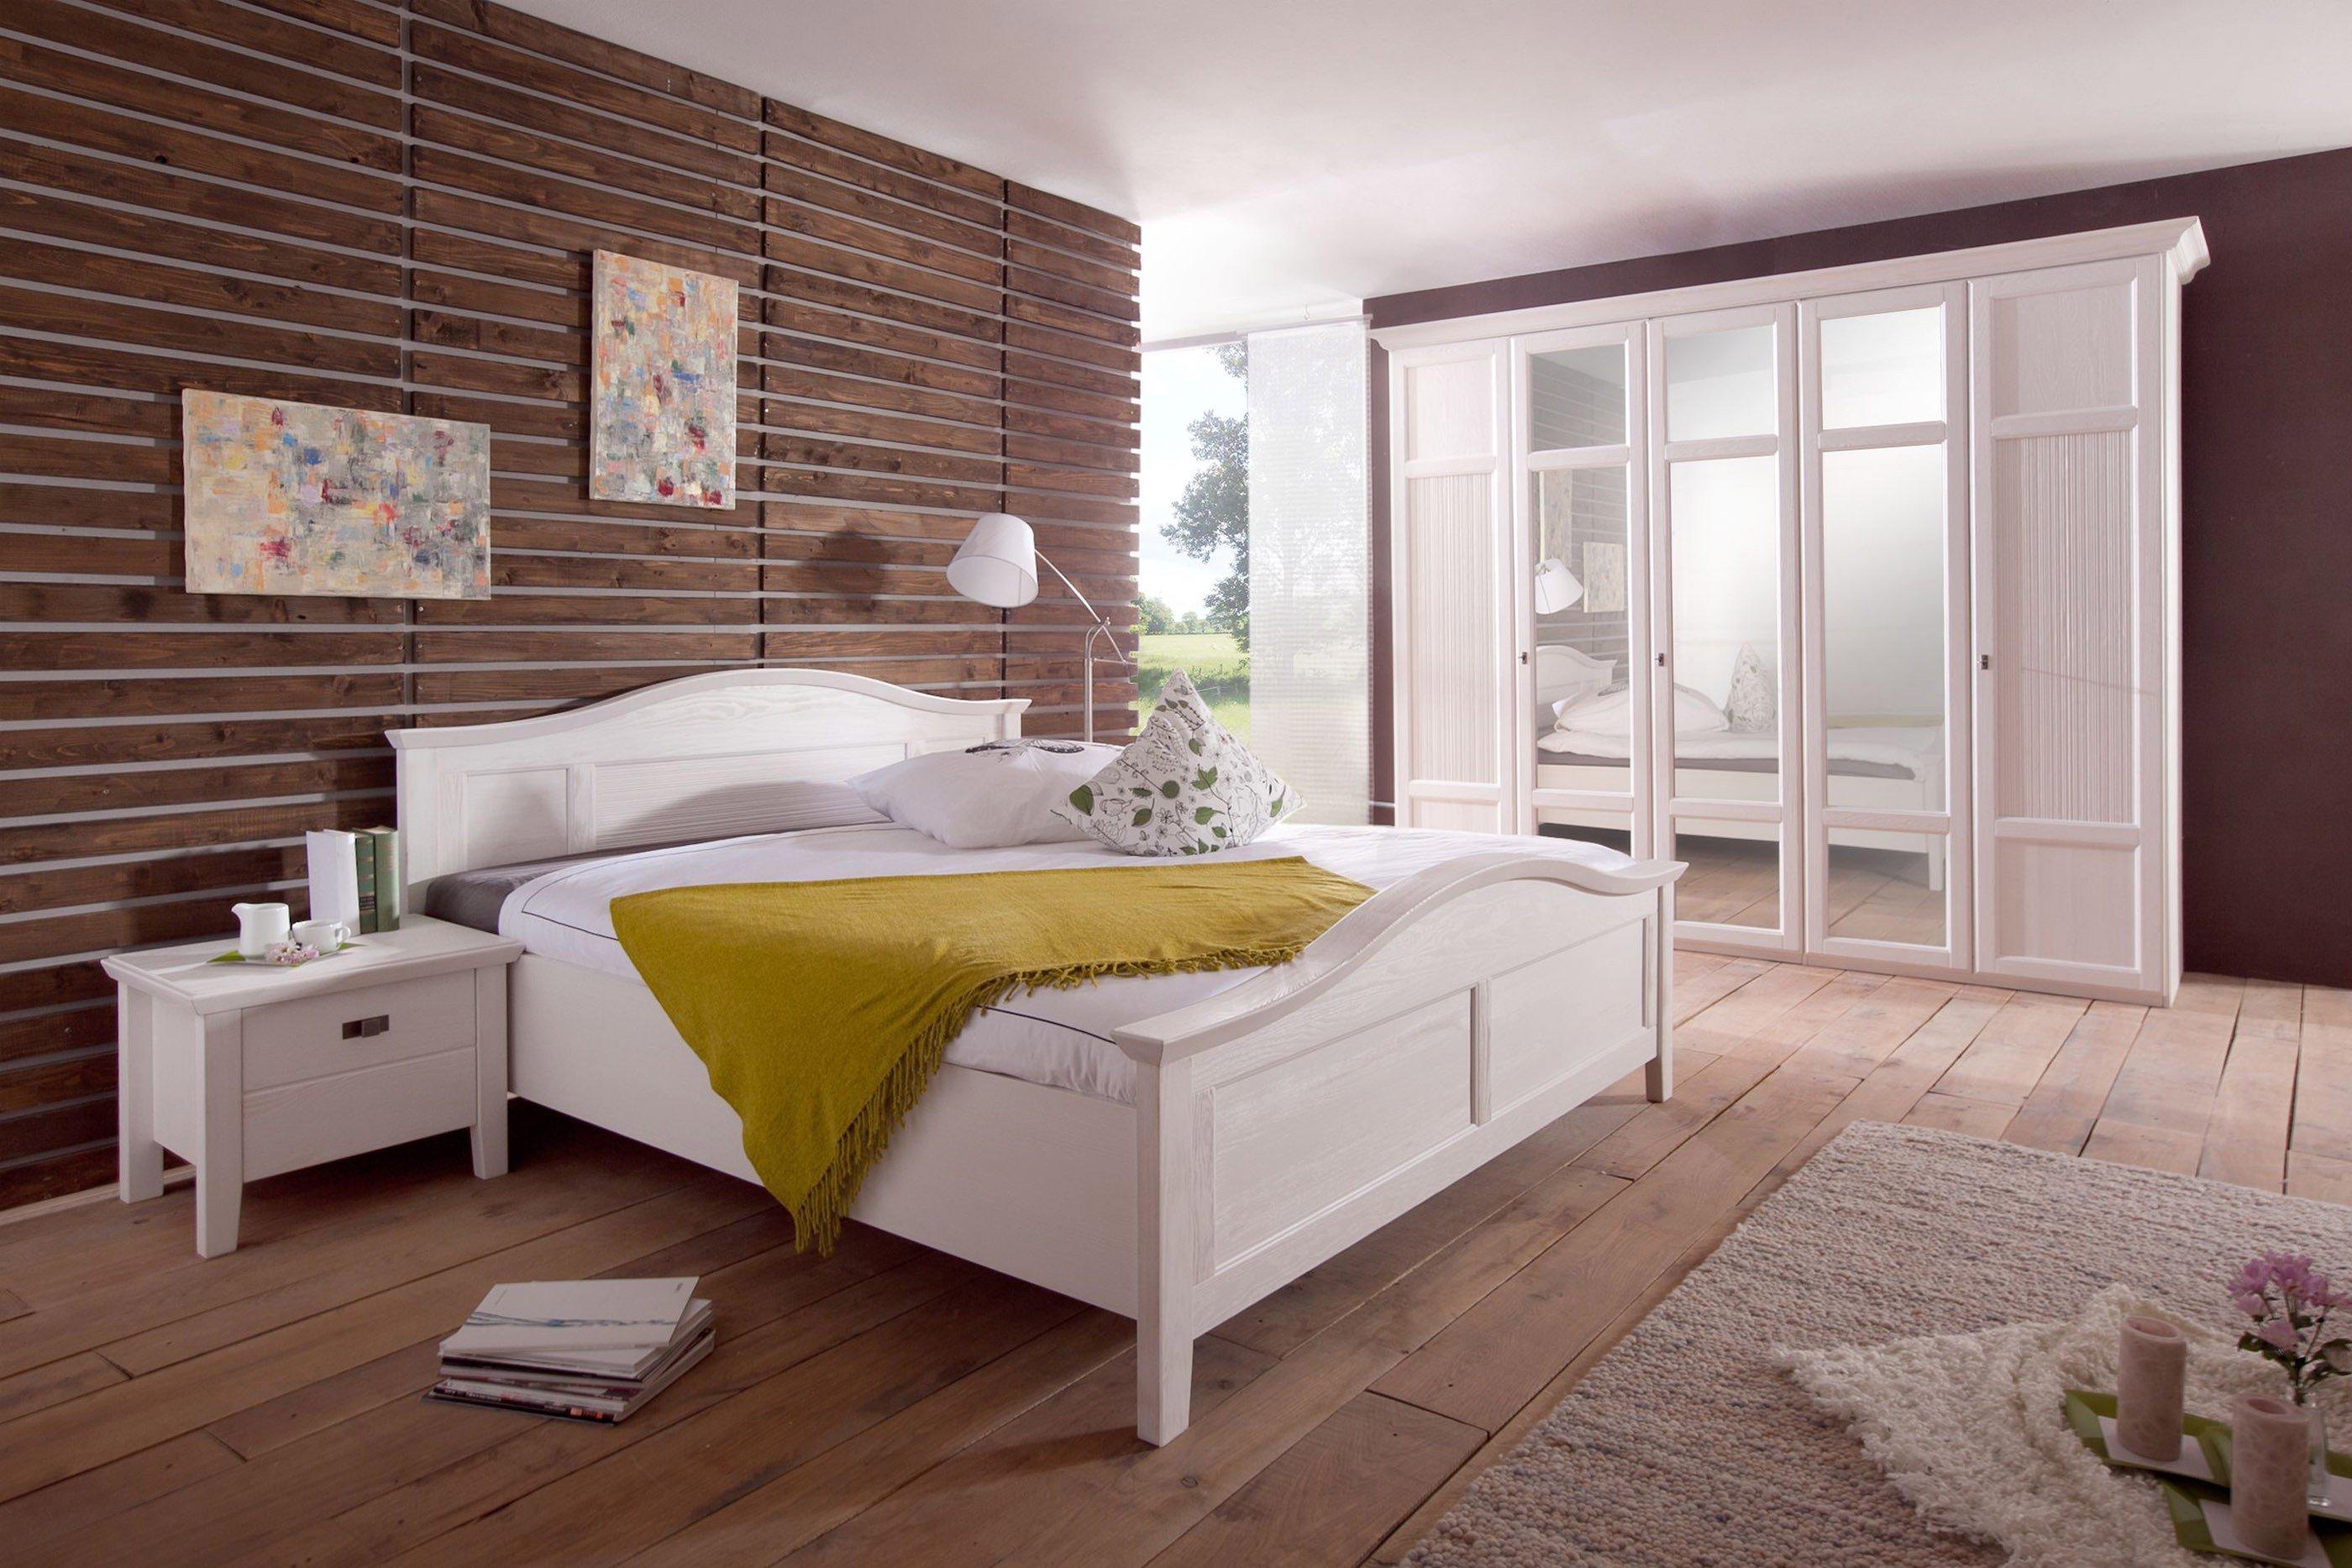 Telmex casa schlafzimmer m bel pinie wei lackiert m bel letz ihr online shop - Schlafzimmer pinie ...